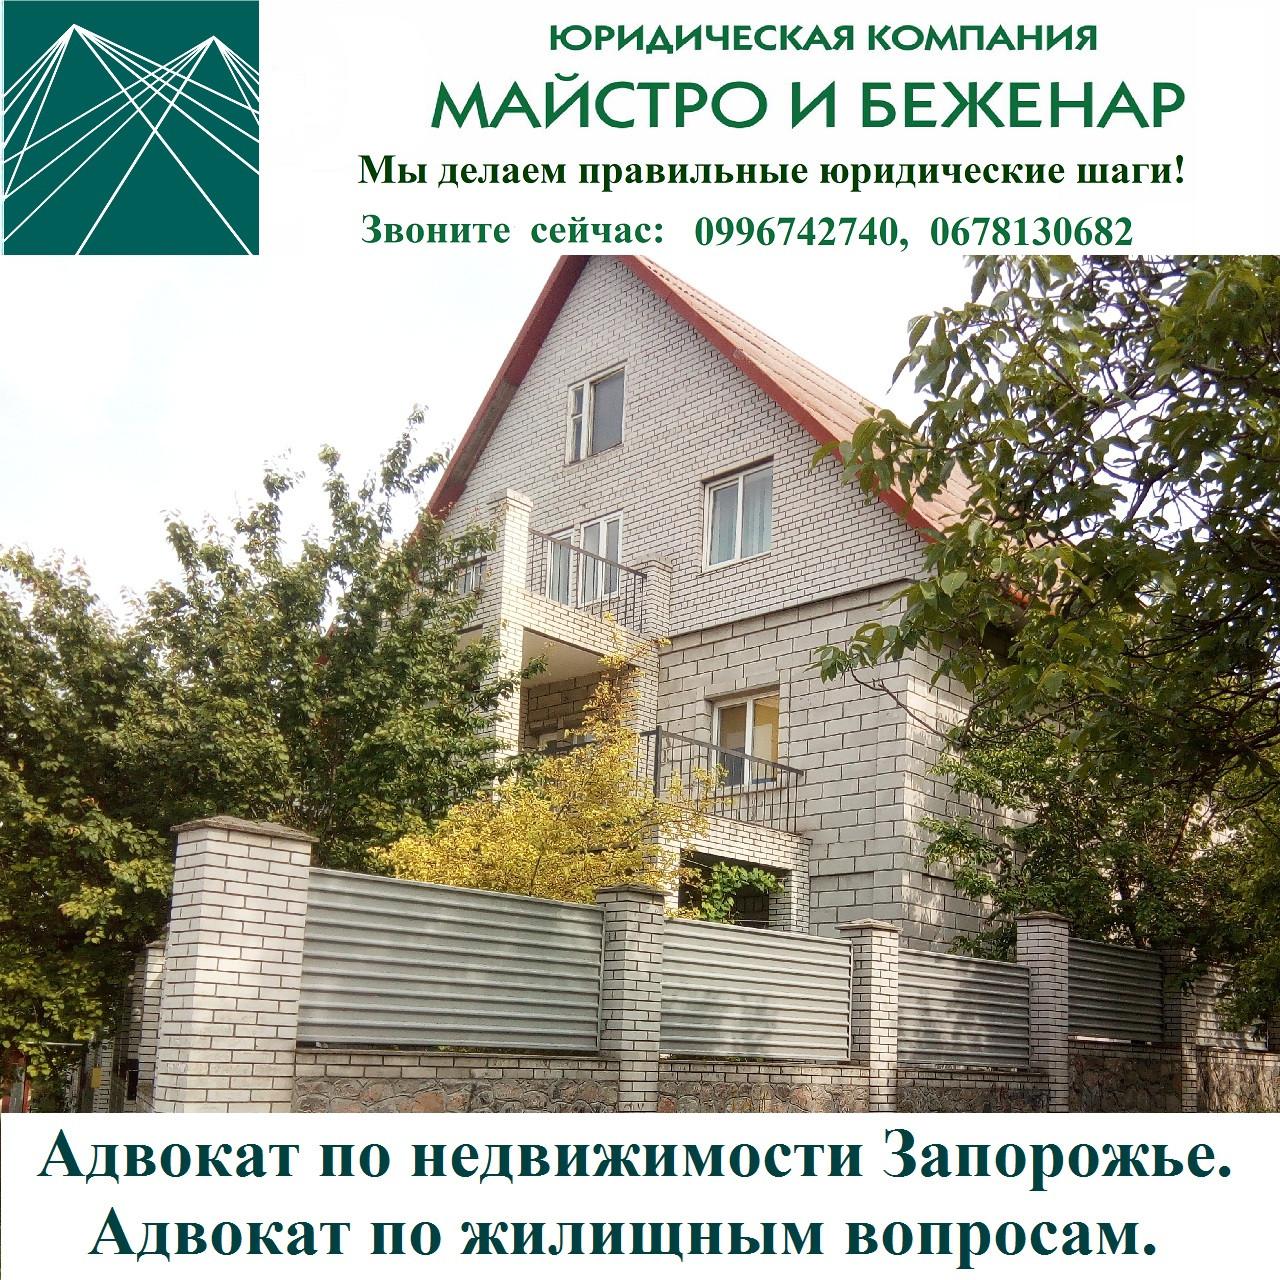 Адвокат по недвижимости Запорожье. Адвокат по жилищным вопросам